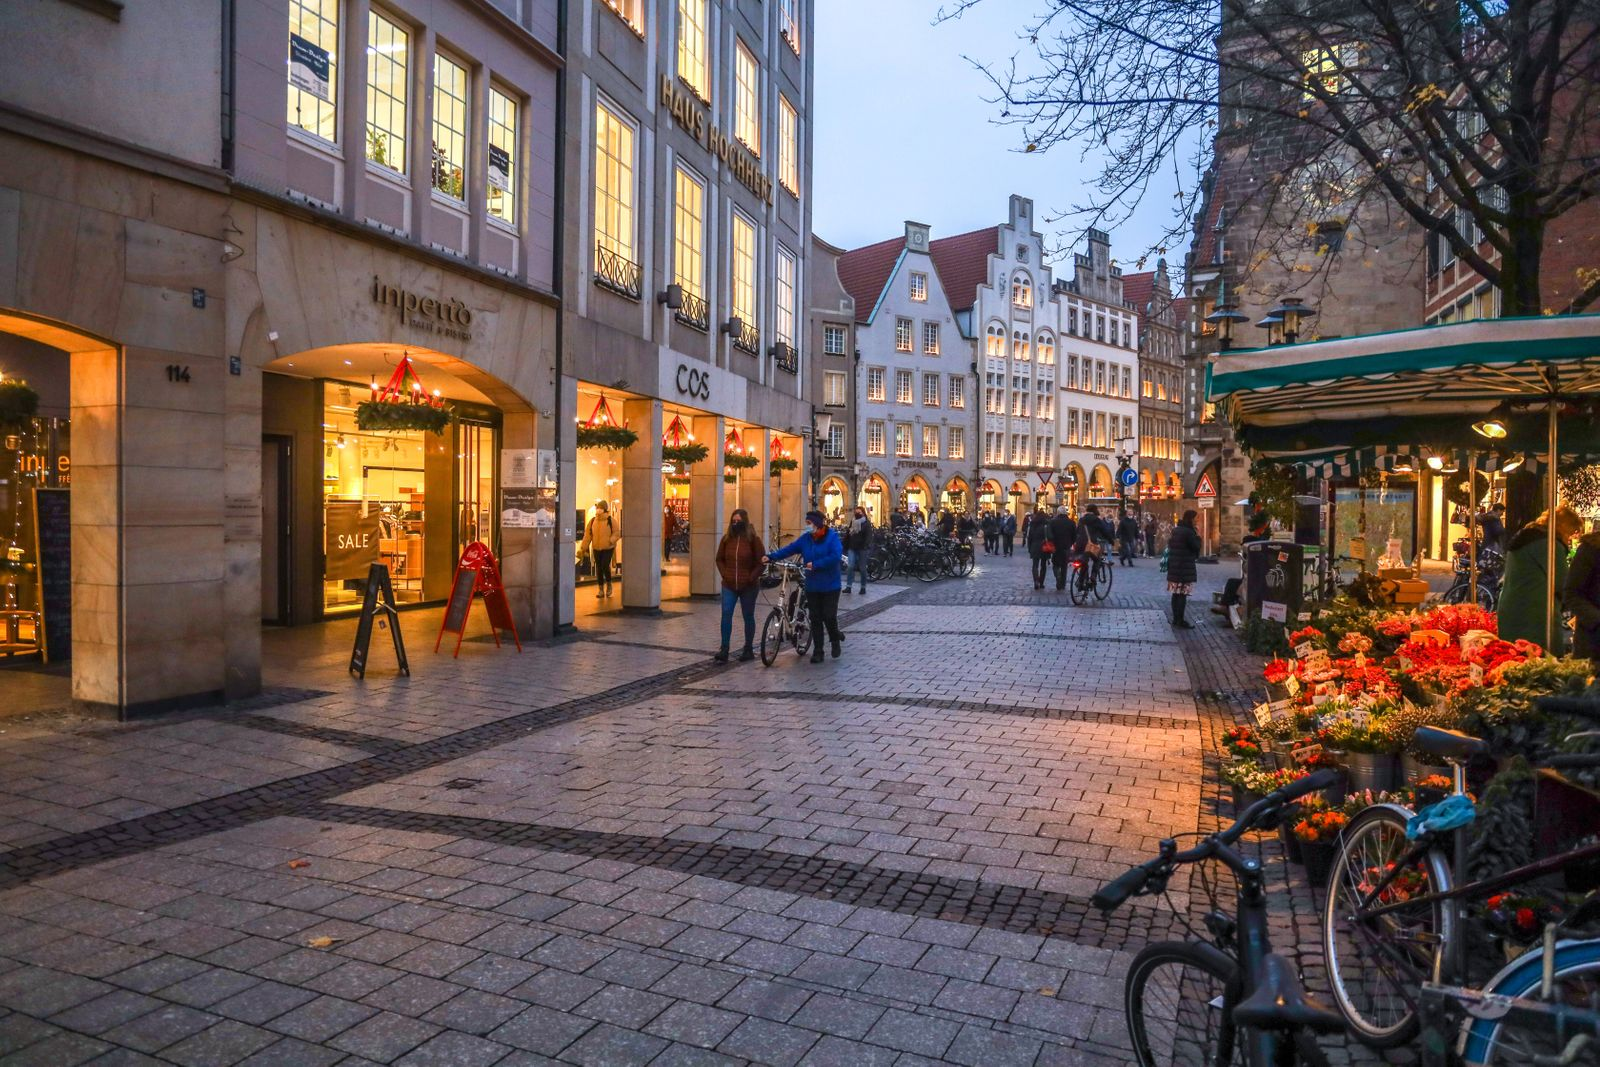 DEU, Deutschland, Nordrhein-Westfalen, Münster, 09.12.2020: Weihnachtlich beleuchtete Hauser in der Fußgängerzone Ludge